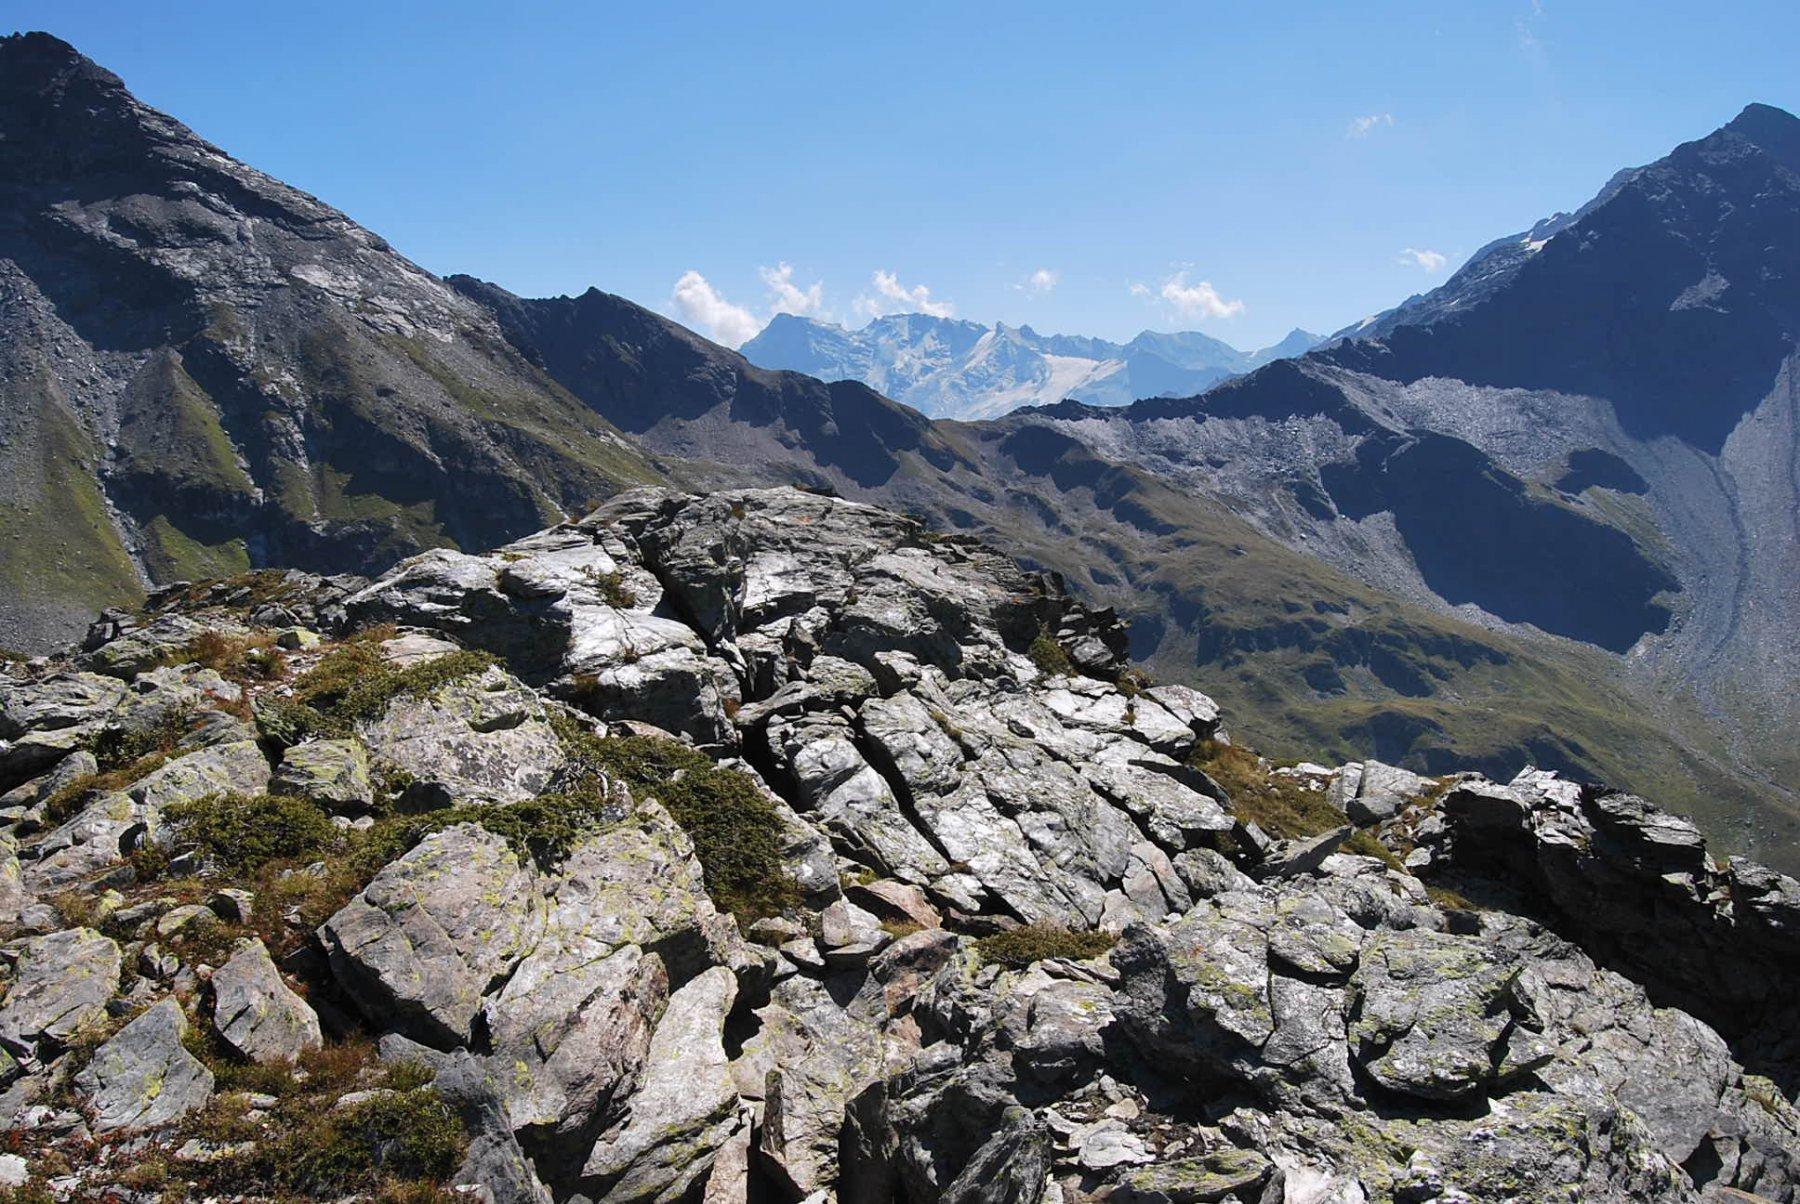 Il Col du Mont, la prossima destinazione, visto dalla sommità dell'Arete de Montseti